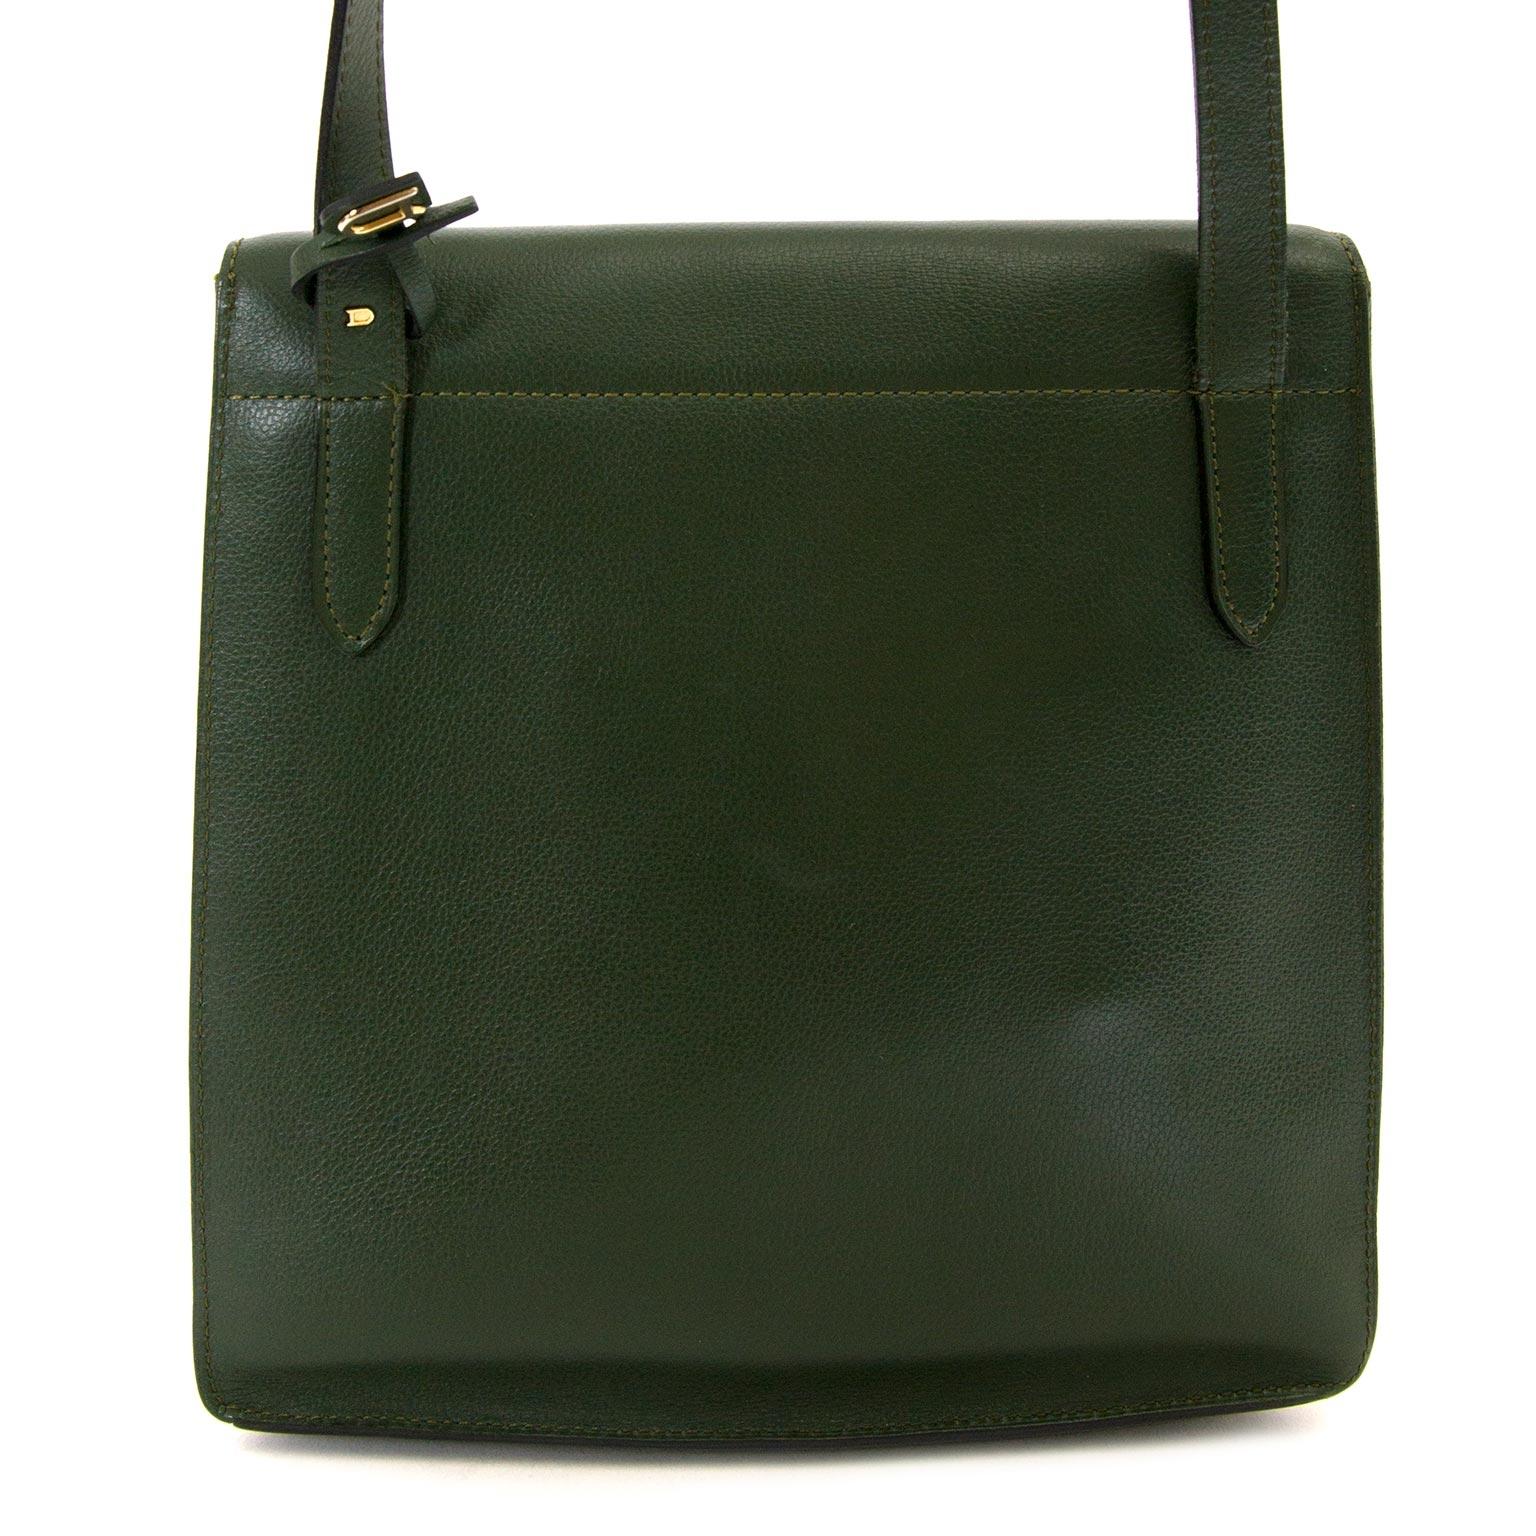 koop Delvaux Green Crossbody Bag en betaal veilig online